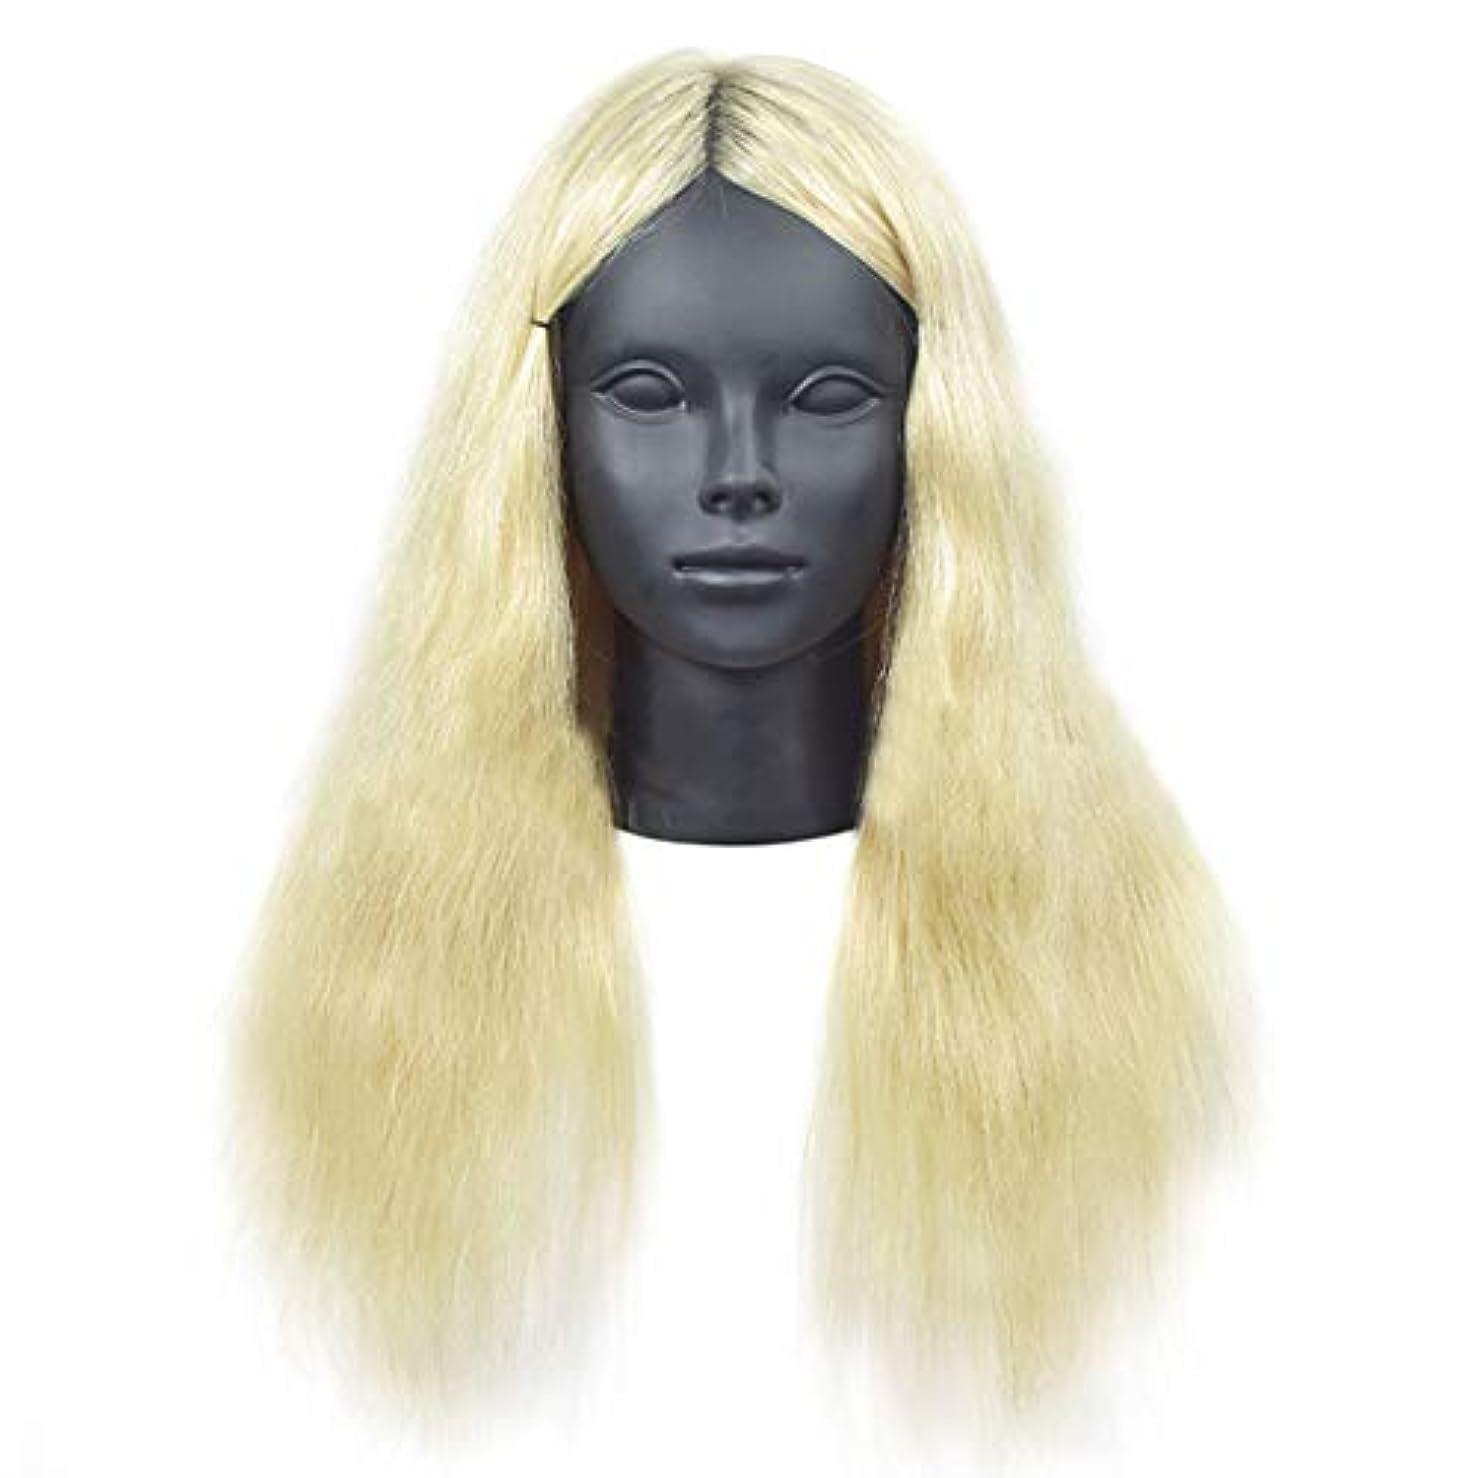 幾分ずんぐりしたトランザクションリアル人間の髪教育ヘッドパーマ髪織り髪モデル髪染め理髪ダミーヘッド学校教育ヘッドモデル